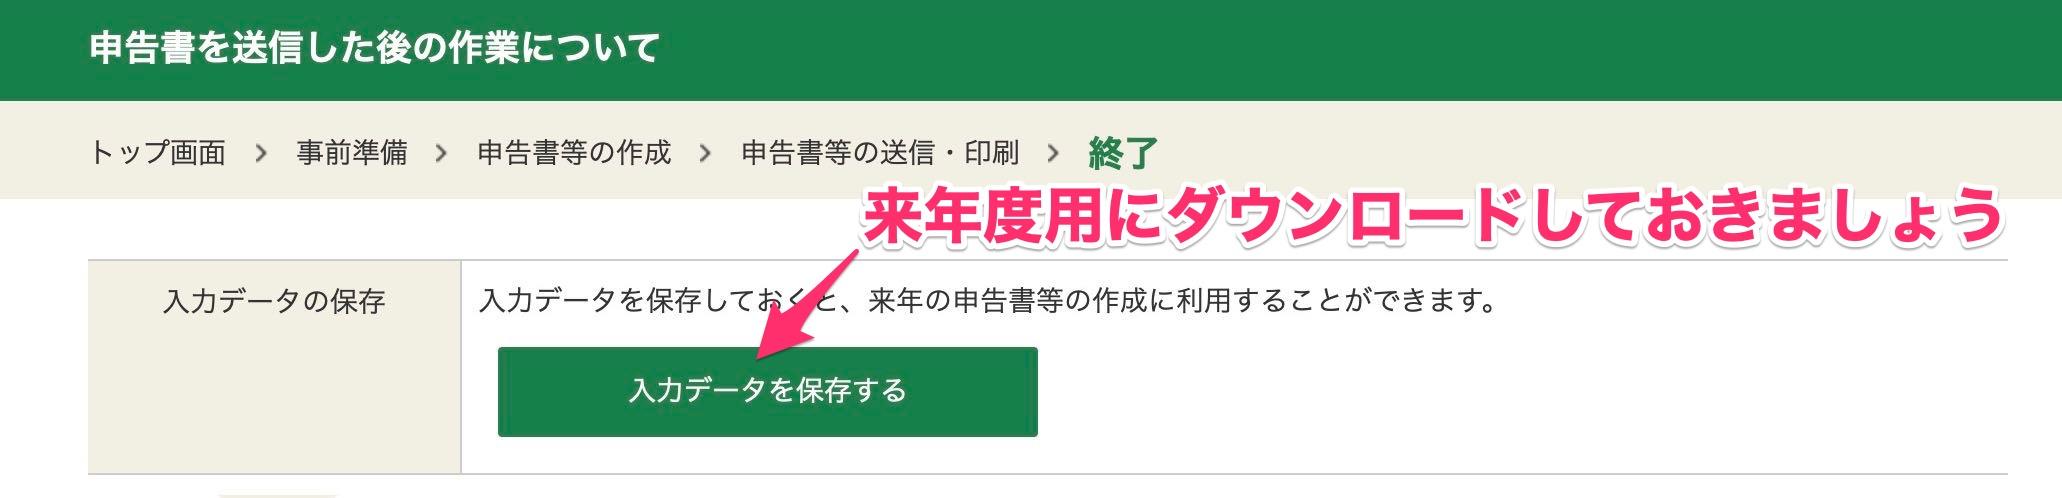 e-Taxで確定申告 マイナンバーカード カードリーダー データの保存